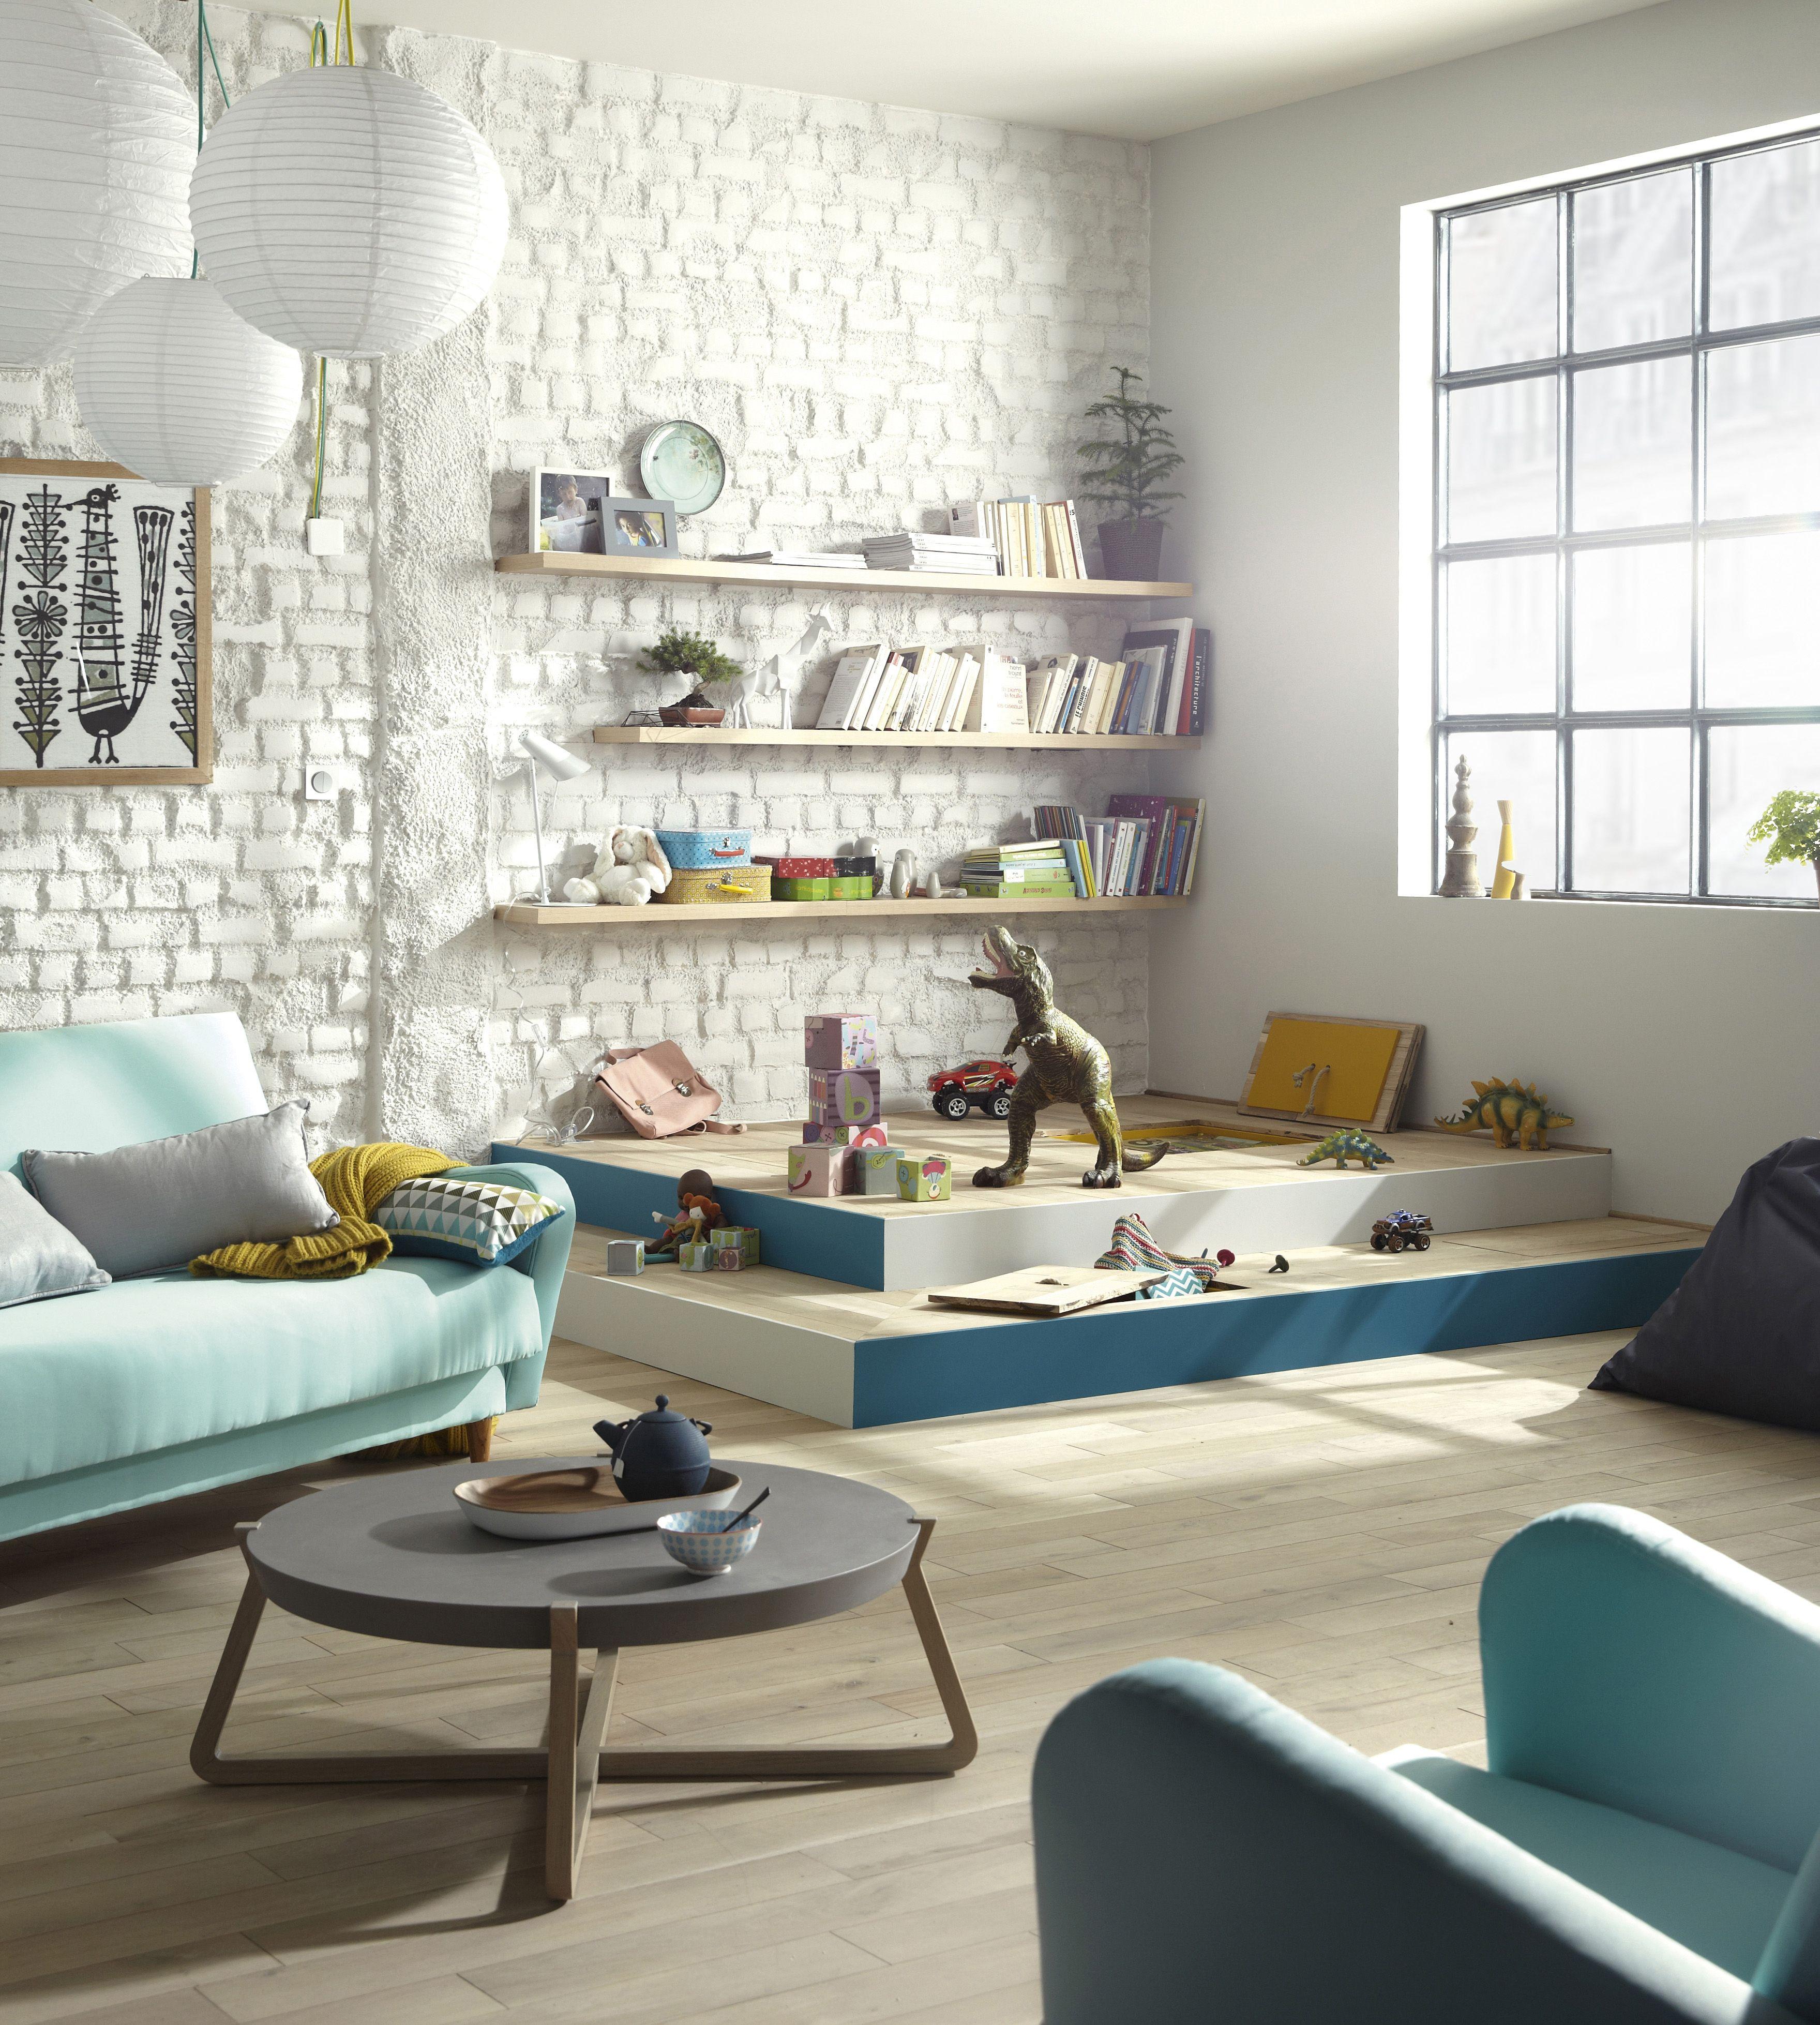 cr er un espace salle de jeux pour enfants dans le salon salon ideedeco coinenfant. Black Bedroom Furniture Sets. Home Design Ideas